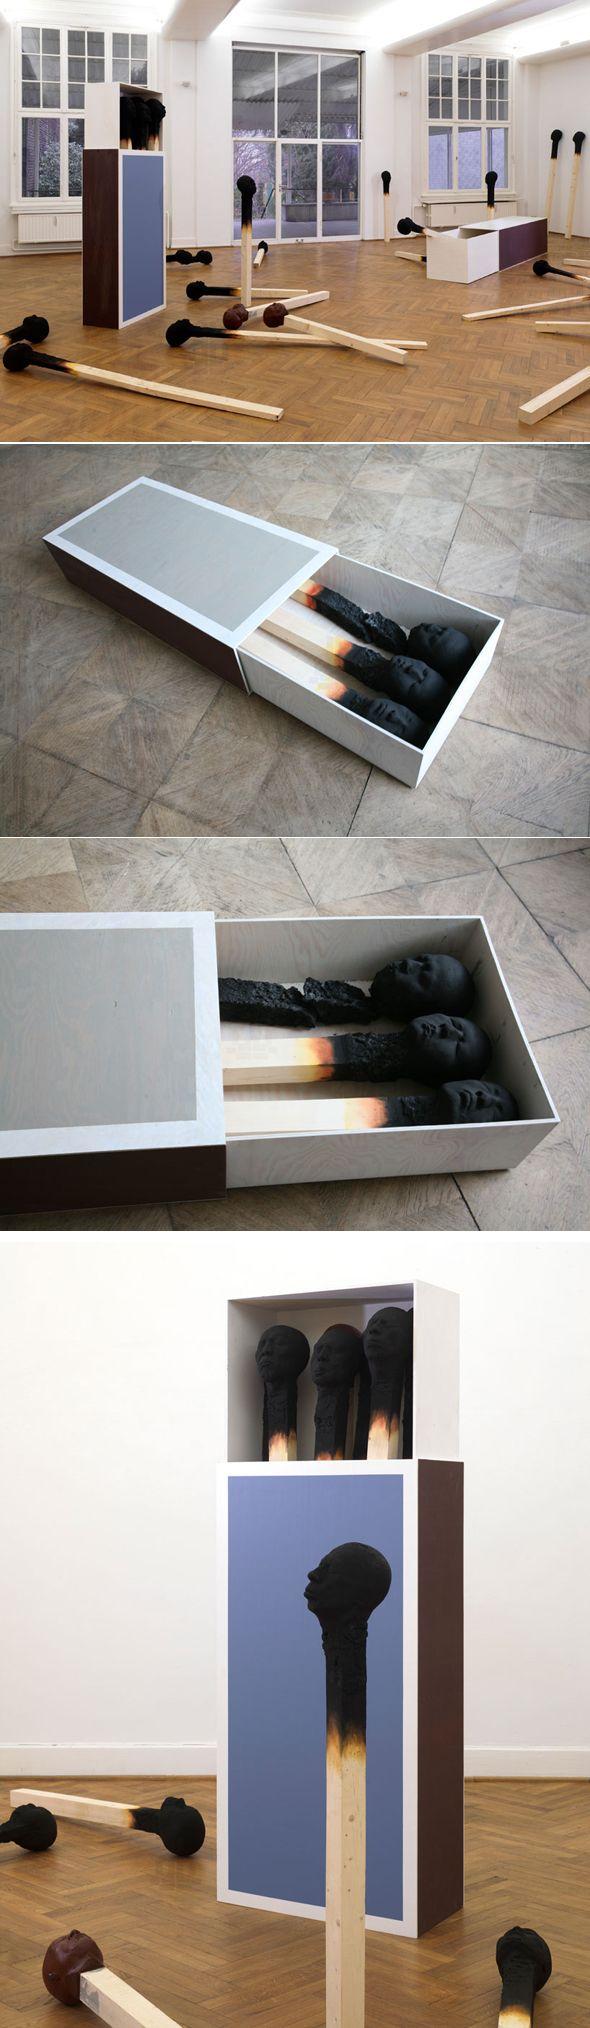 Brûler la vie par les deux bouts L'artiste allemand Wolfgang stiller présentera ses charmants portraits carbonisés